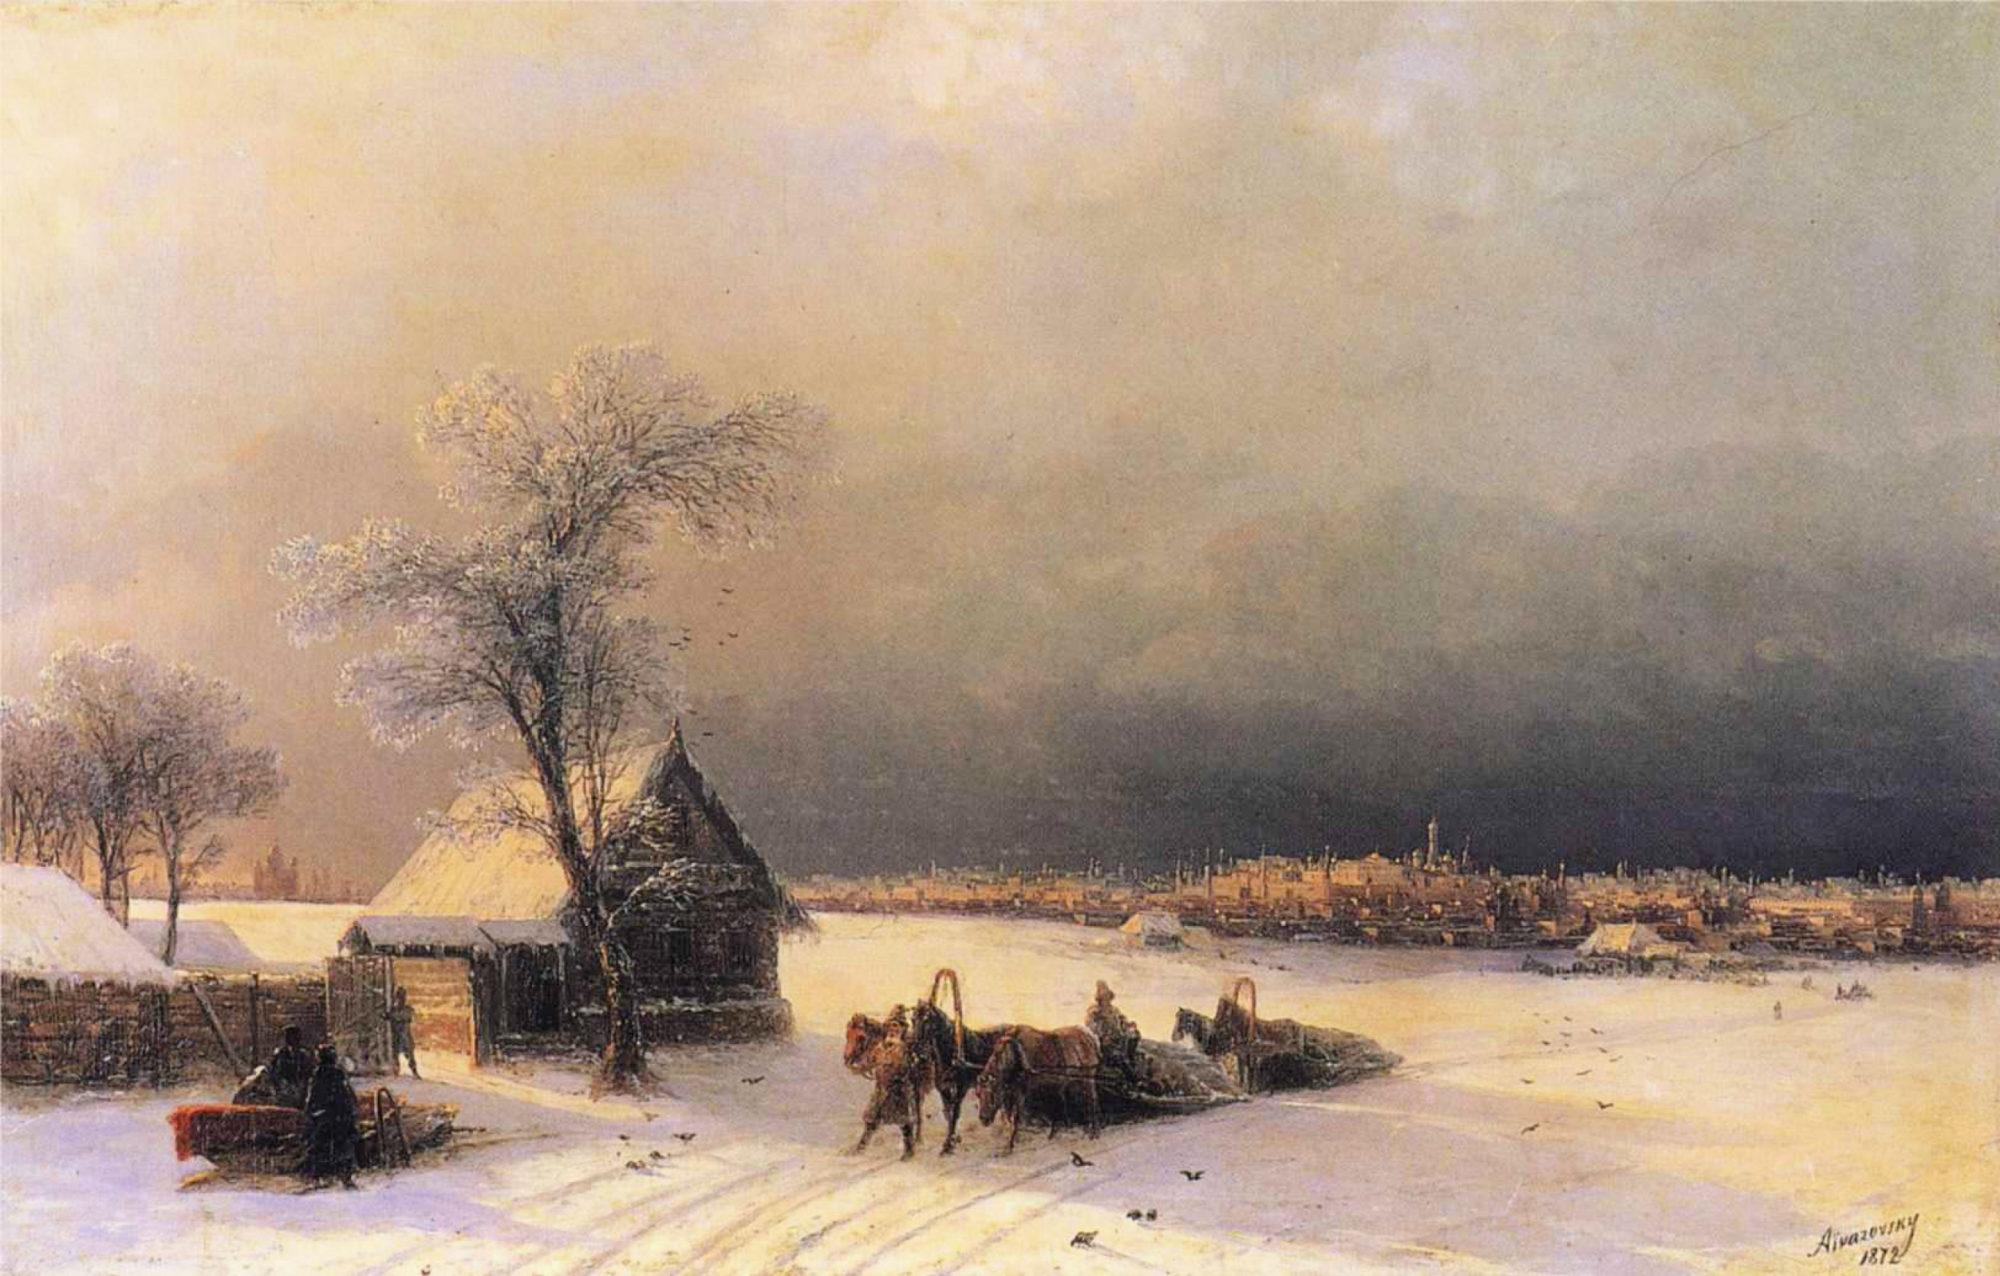 Иван Айвазовский, 1872 год, картина «Москва зимой. Вид с Воробьевых гор».